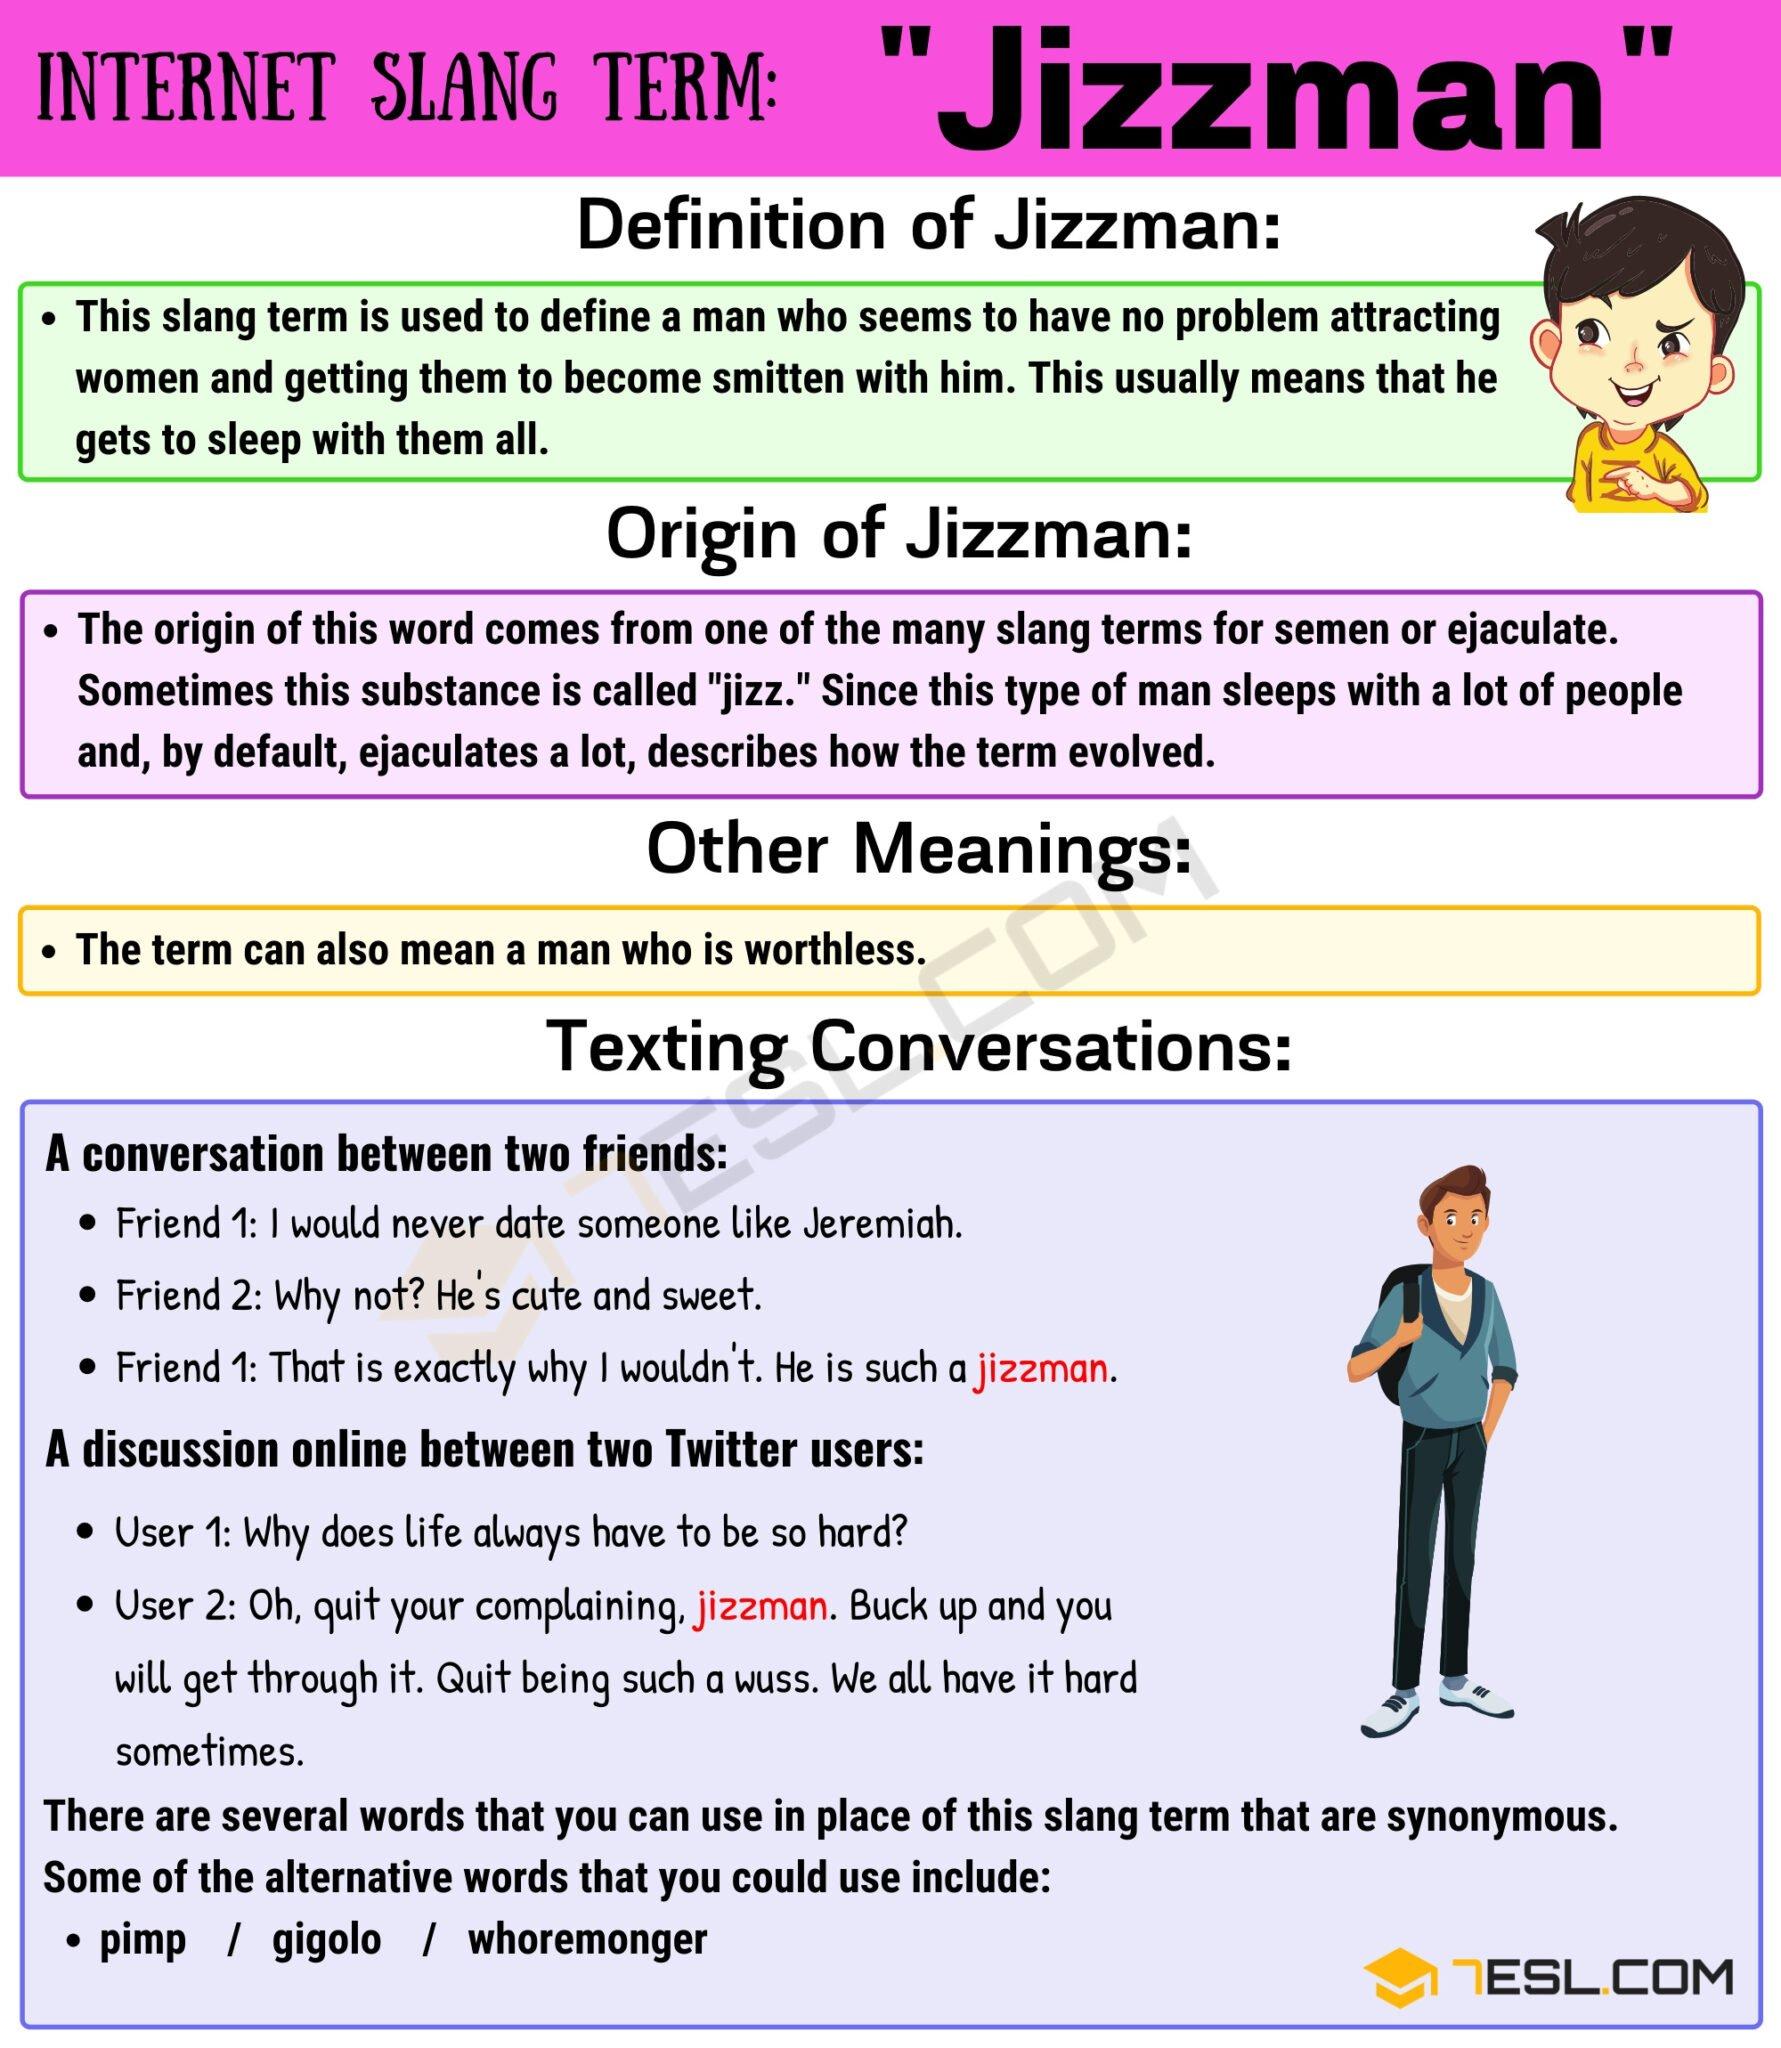 Jizzman